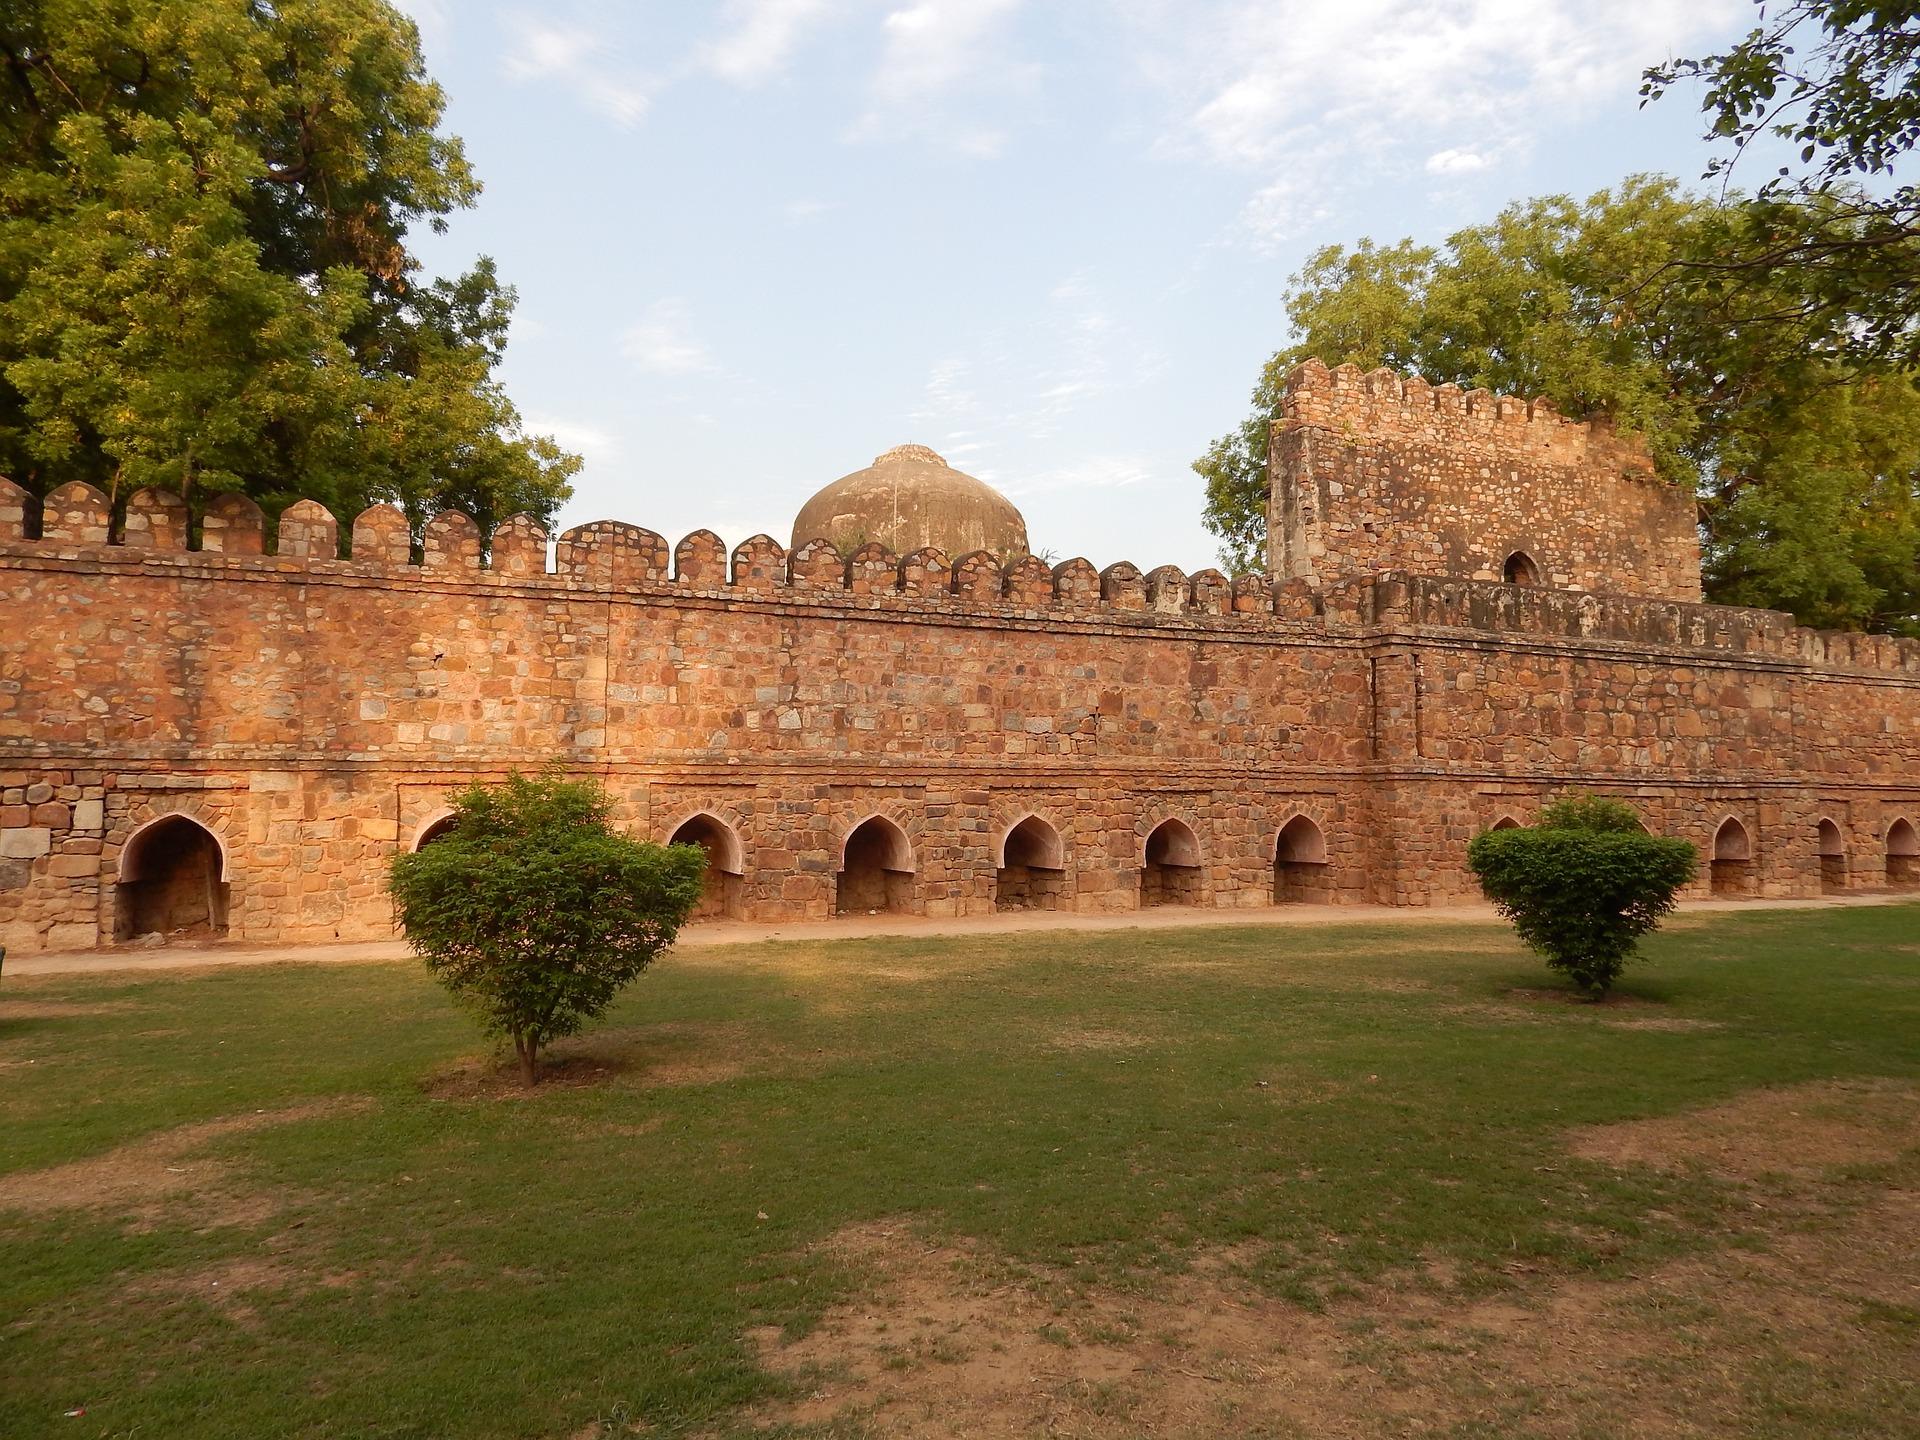 Lodi Gardens, New Delhi, India